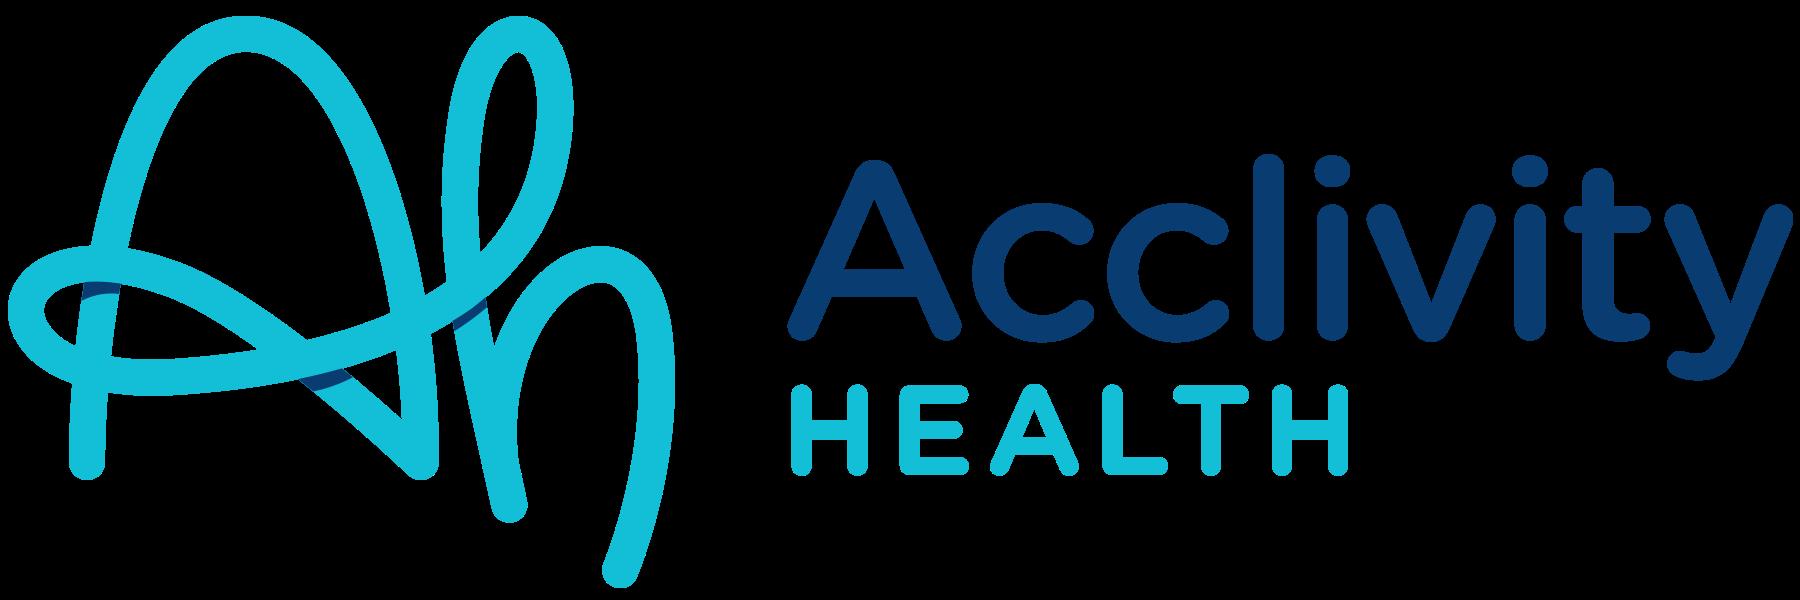 acclivity health logo